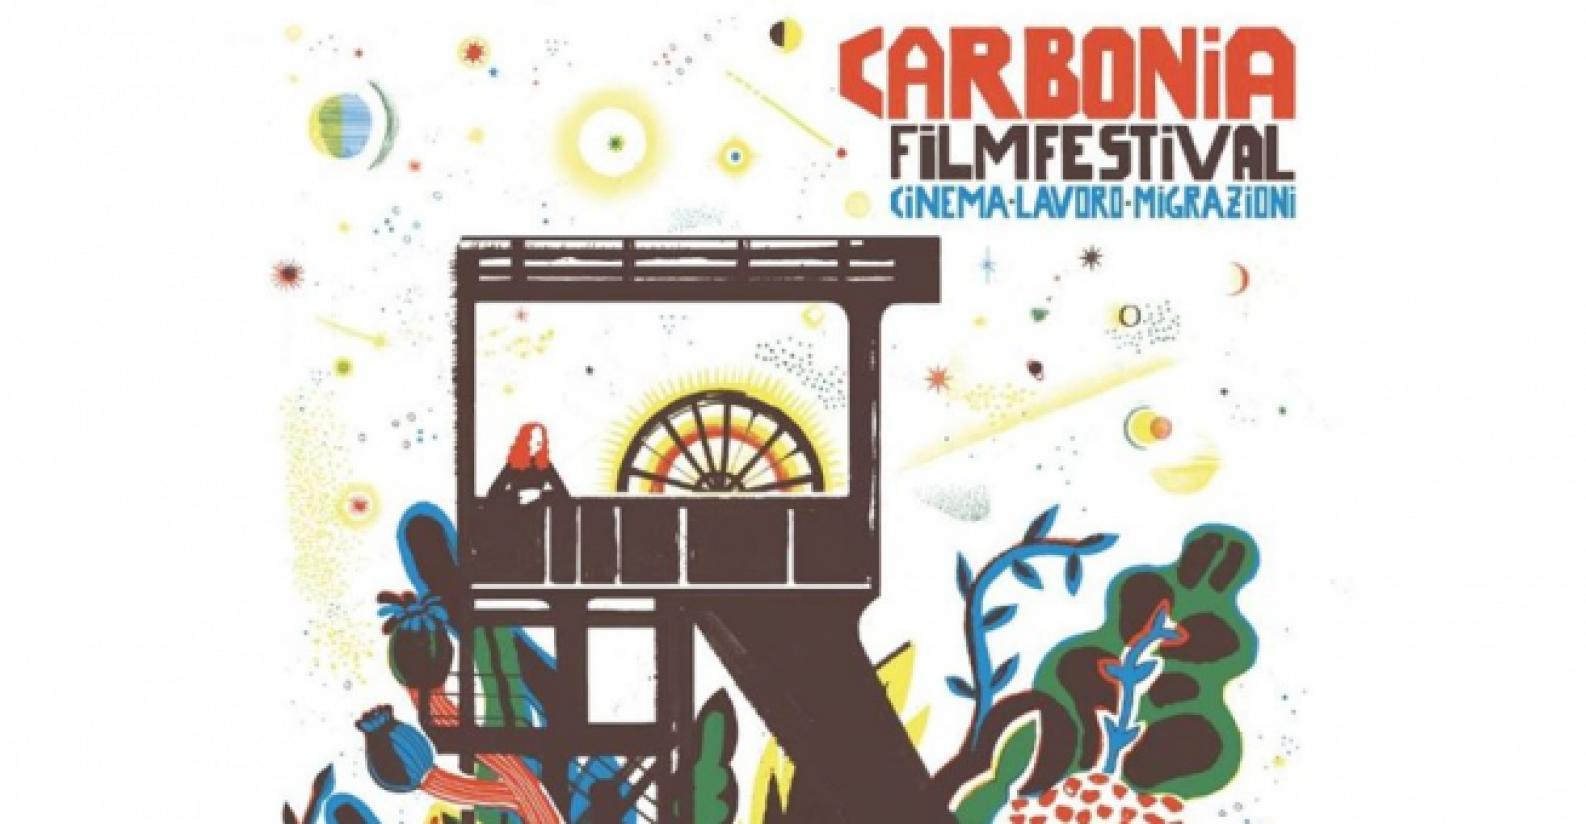 Carbonia Film Festival | SardegnaTurismo - Sito ufficiale del turismo della Regione Sardegna